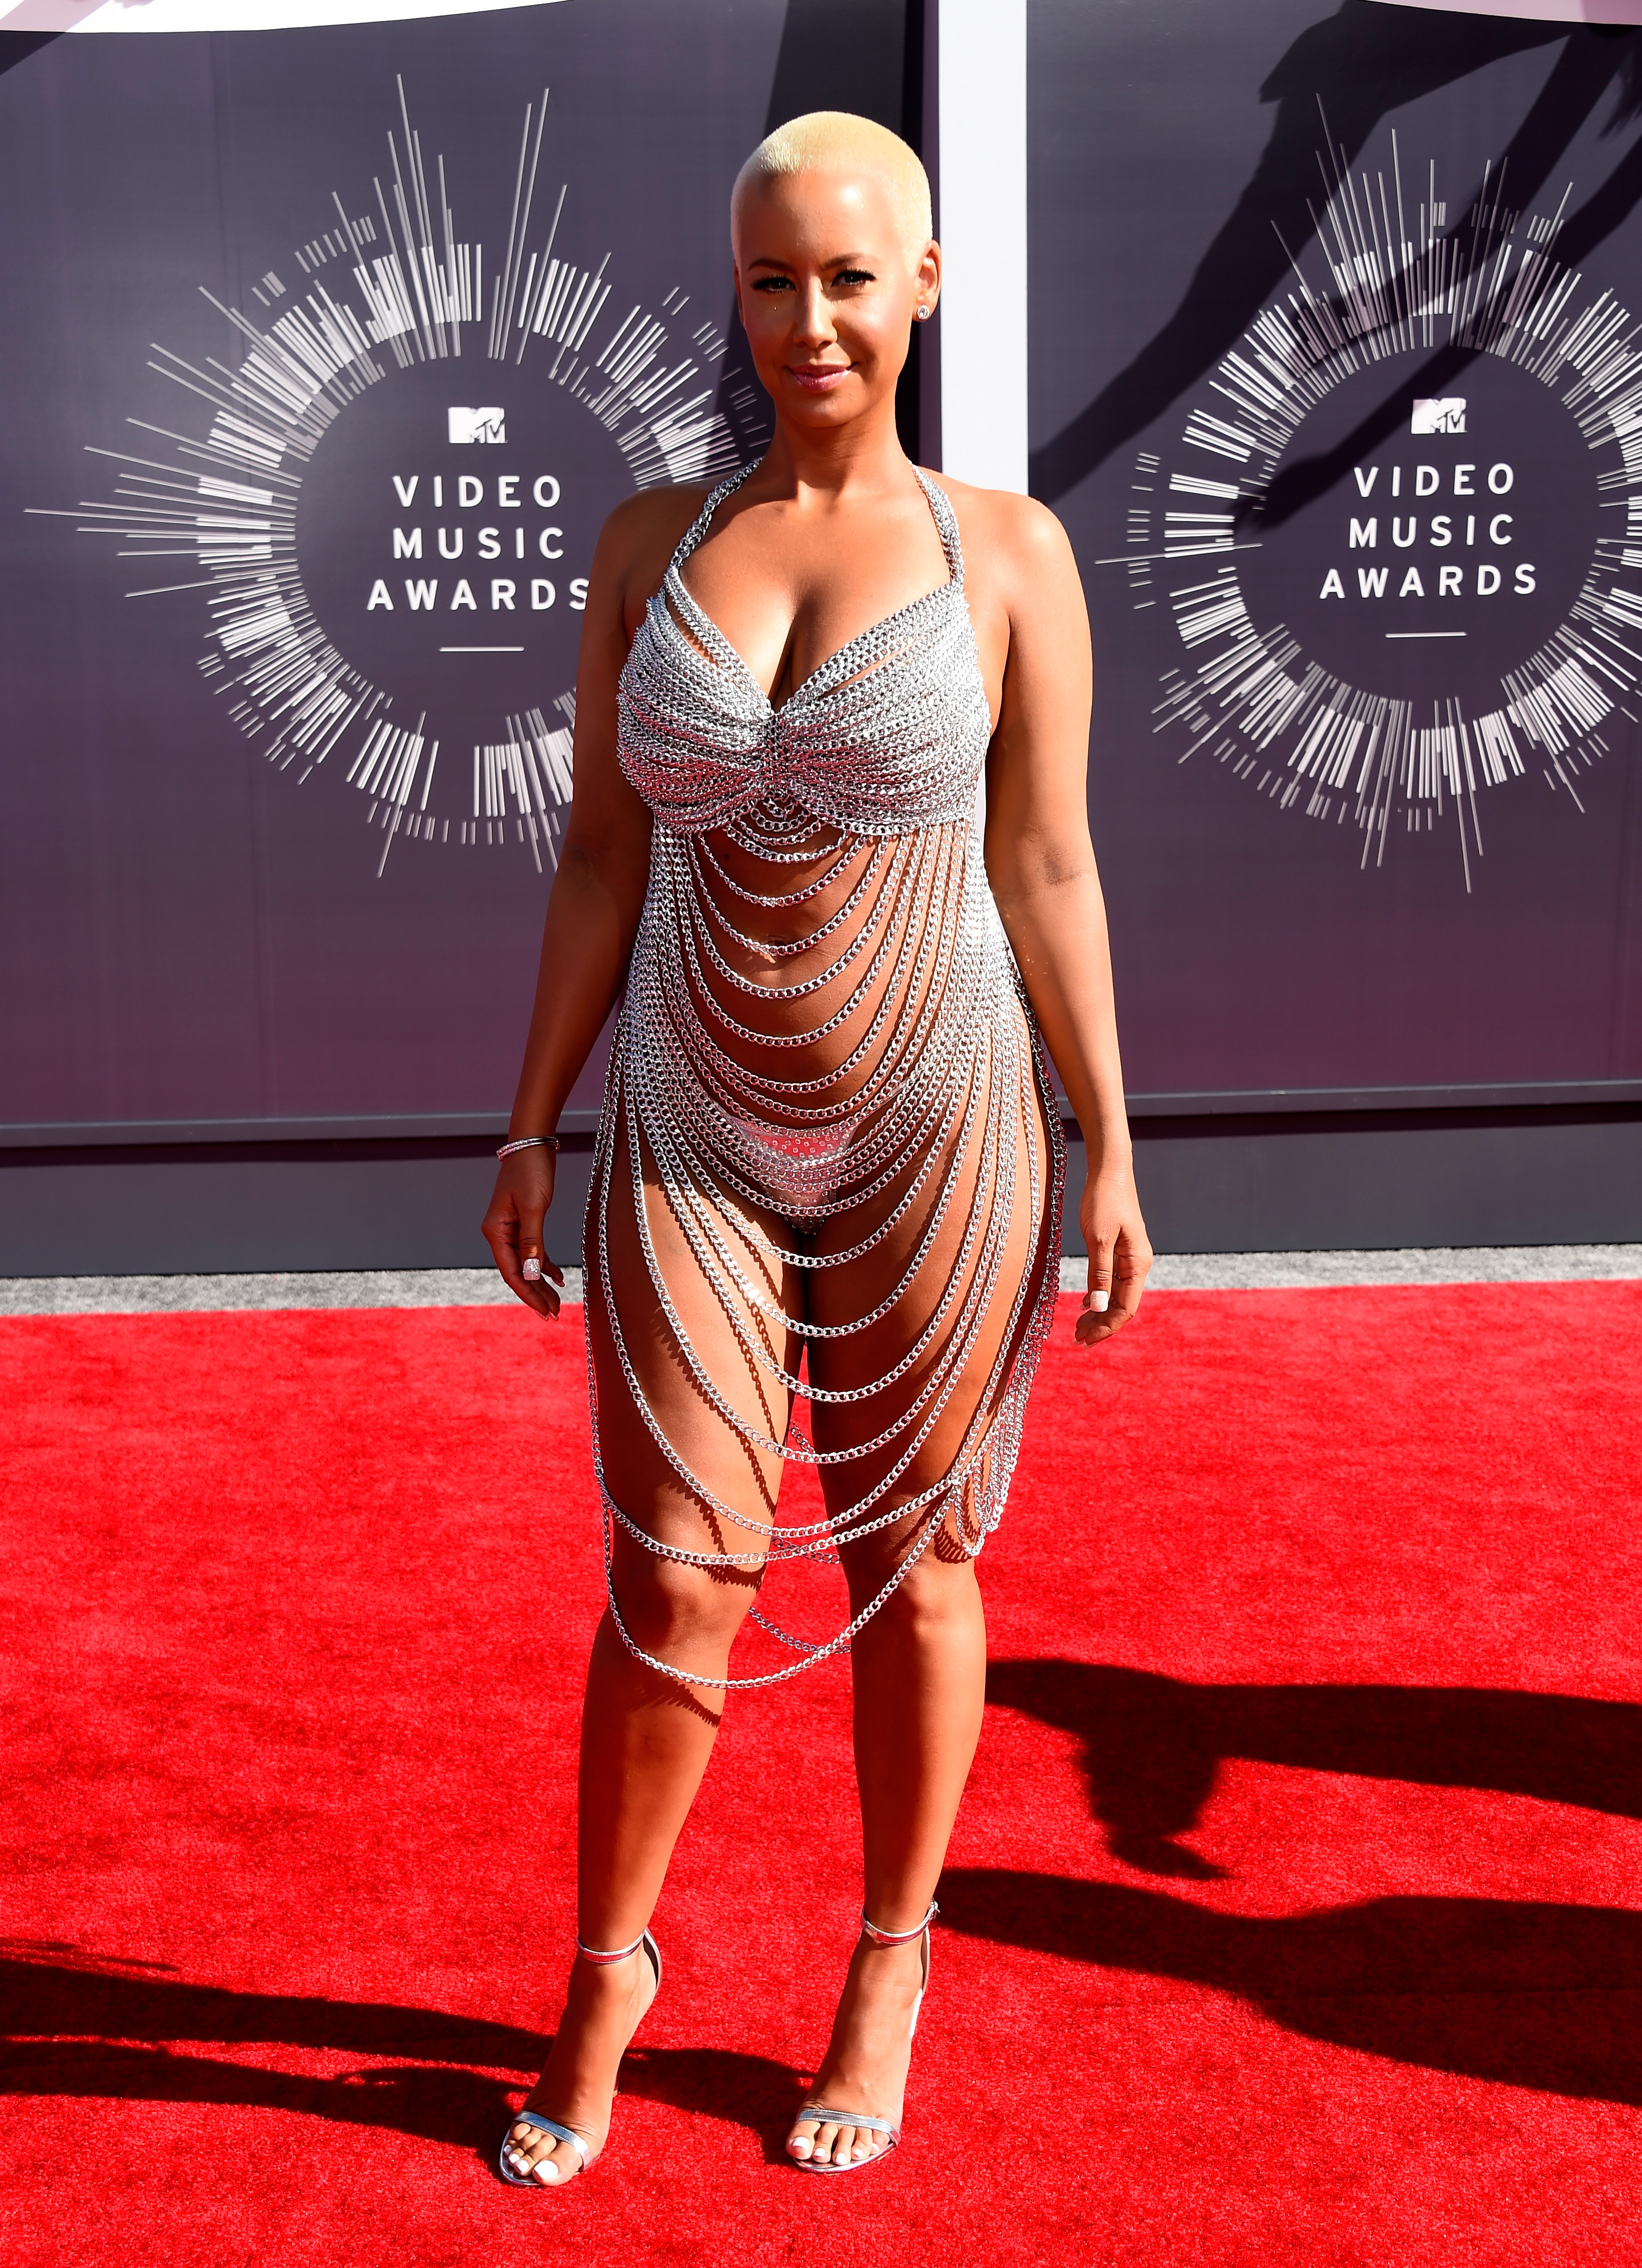 Певицата Амбър Роуз (2014 г.). Дизайнерката на металната рокляLaurel DeWitt е известна с ексцентричните си тоалети. Споделя, че винаги се опитва да създаде нещо уникално, което не може да бъде видяно другаде.